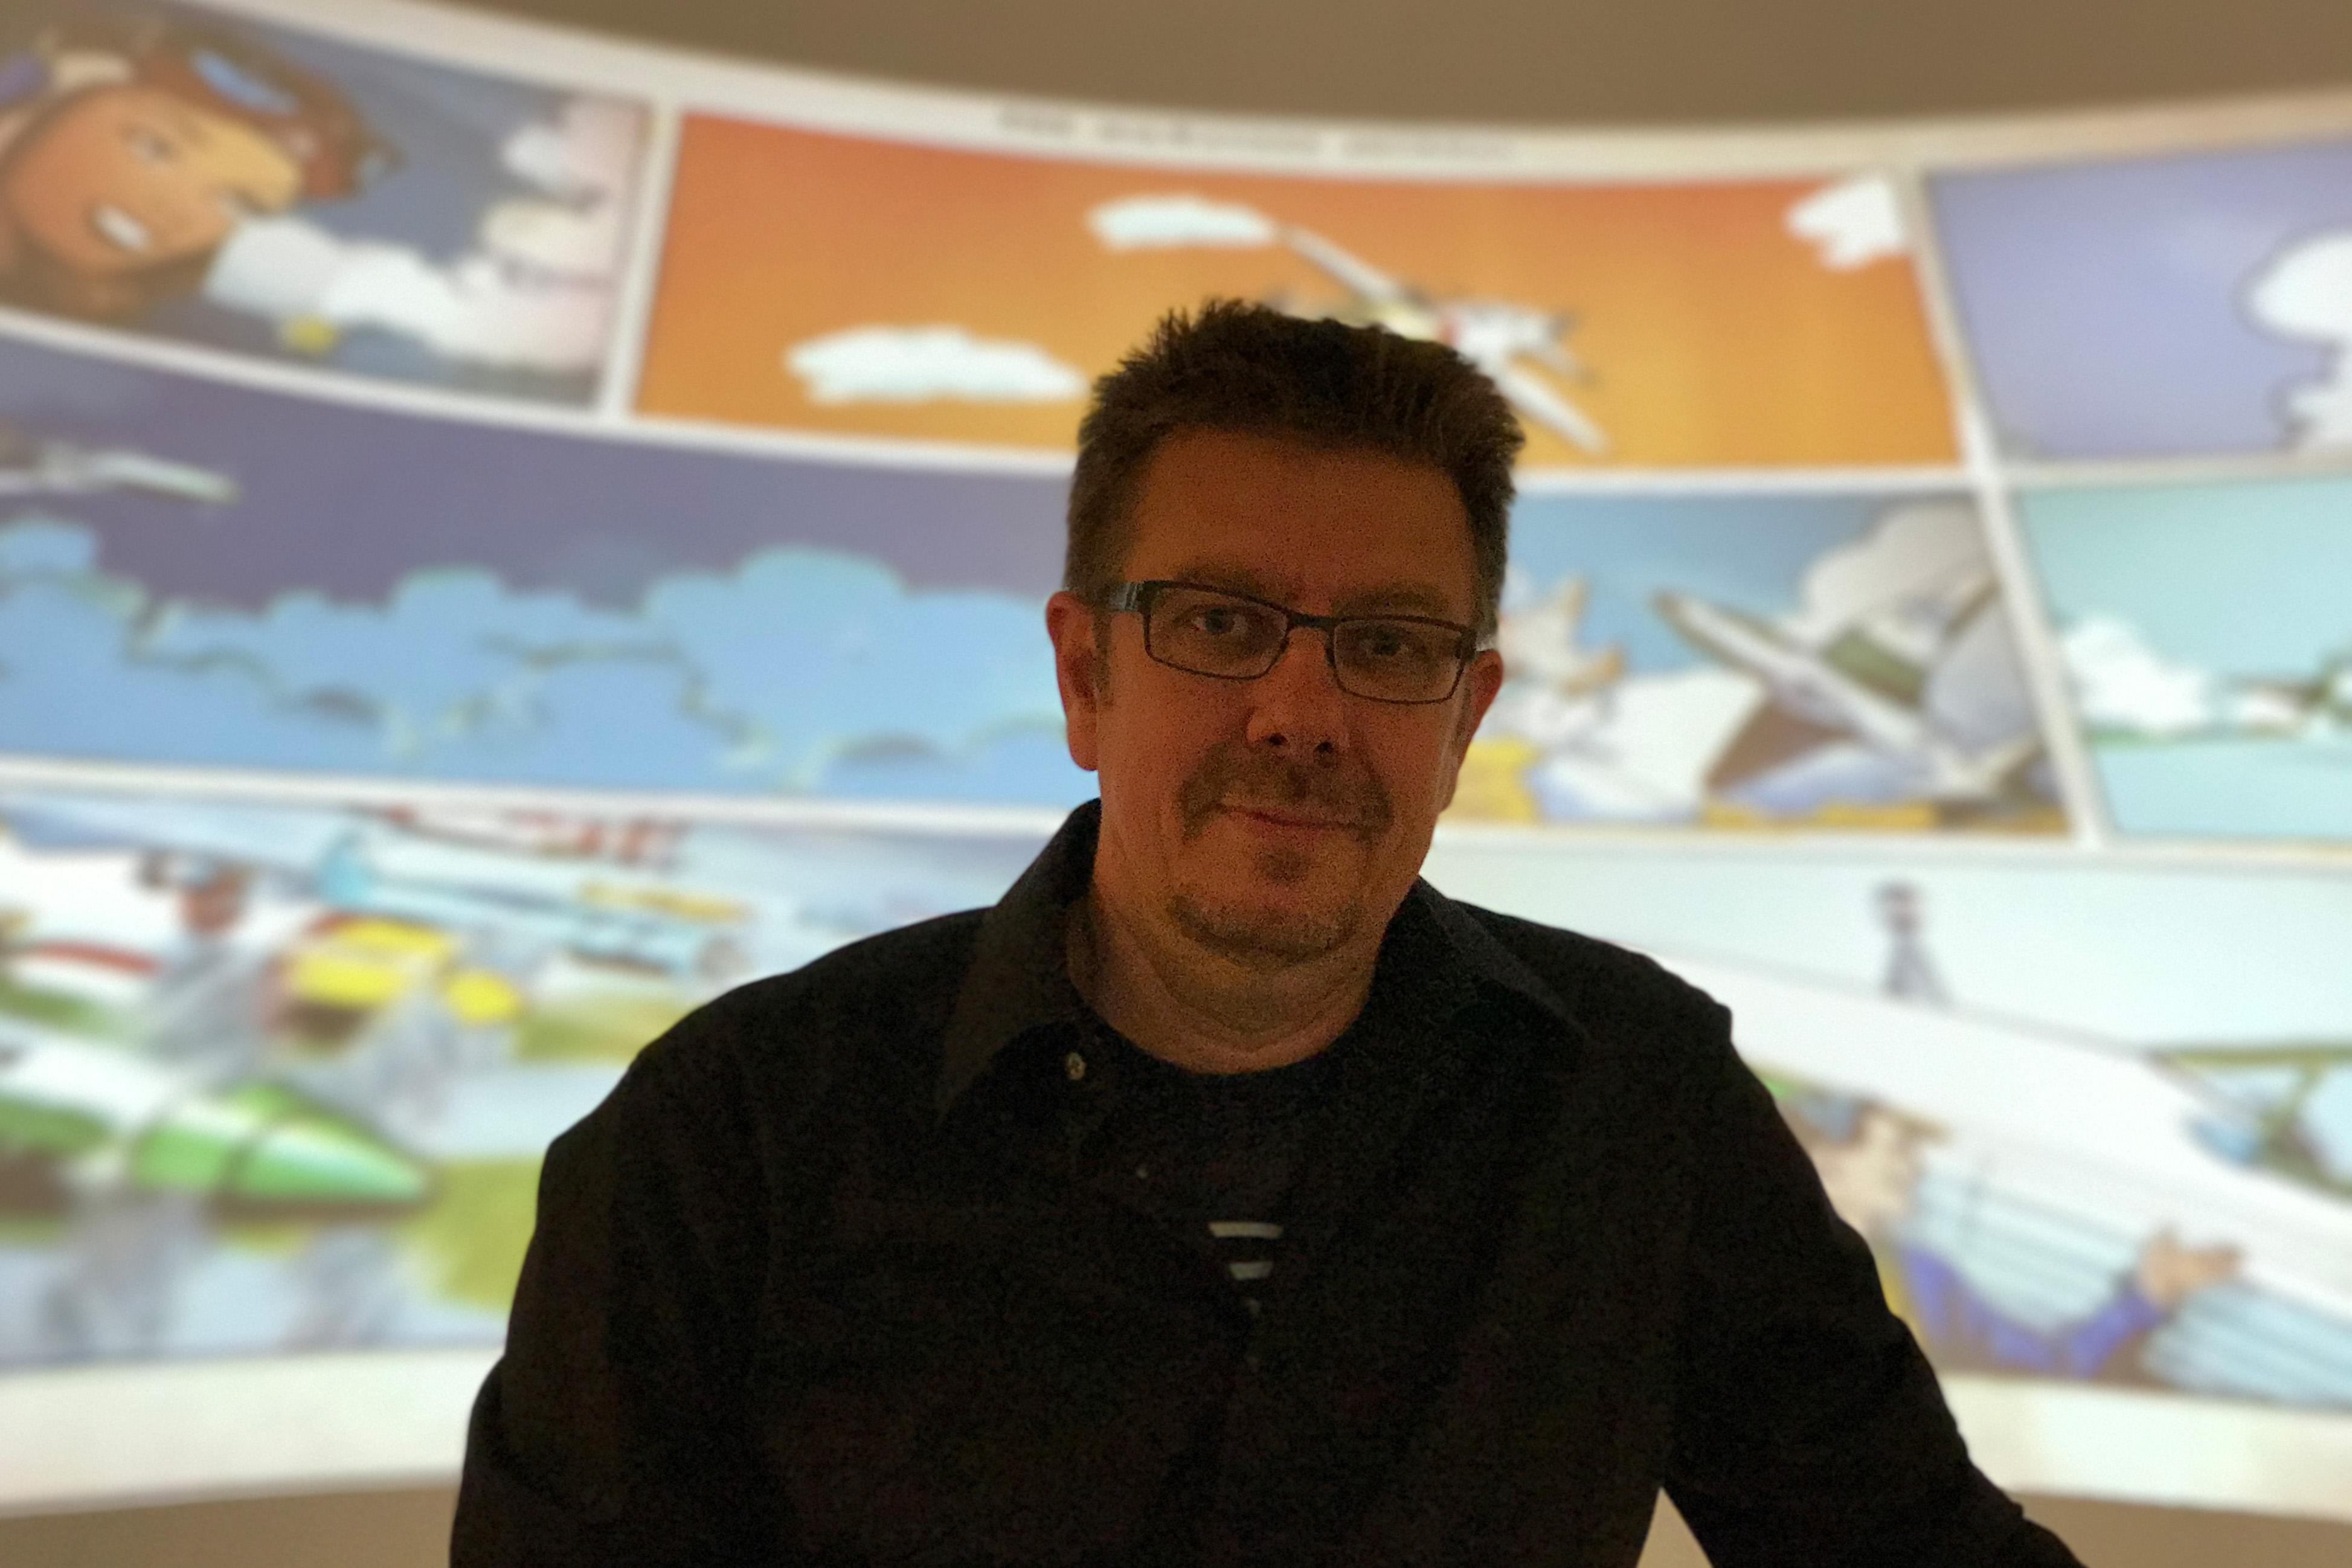 Alexander Braun posiert vor einem Comic-Film, der in der Ausstellung gezeigt wird